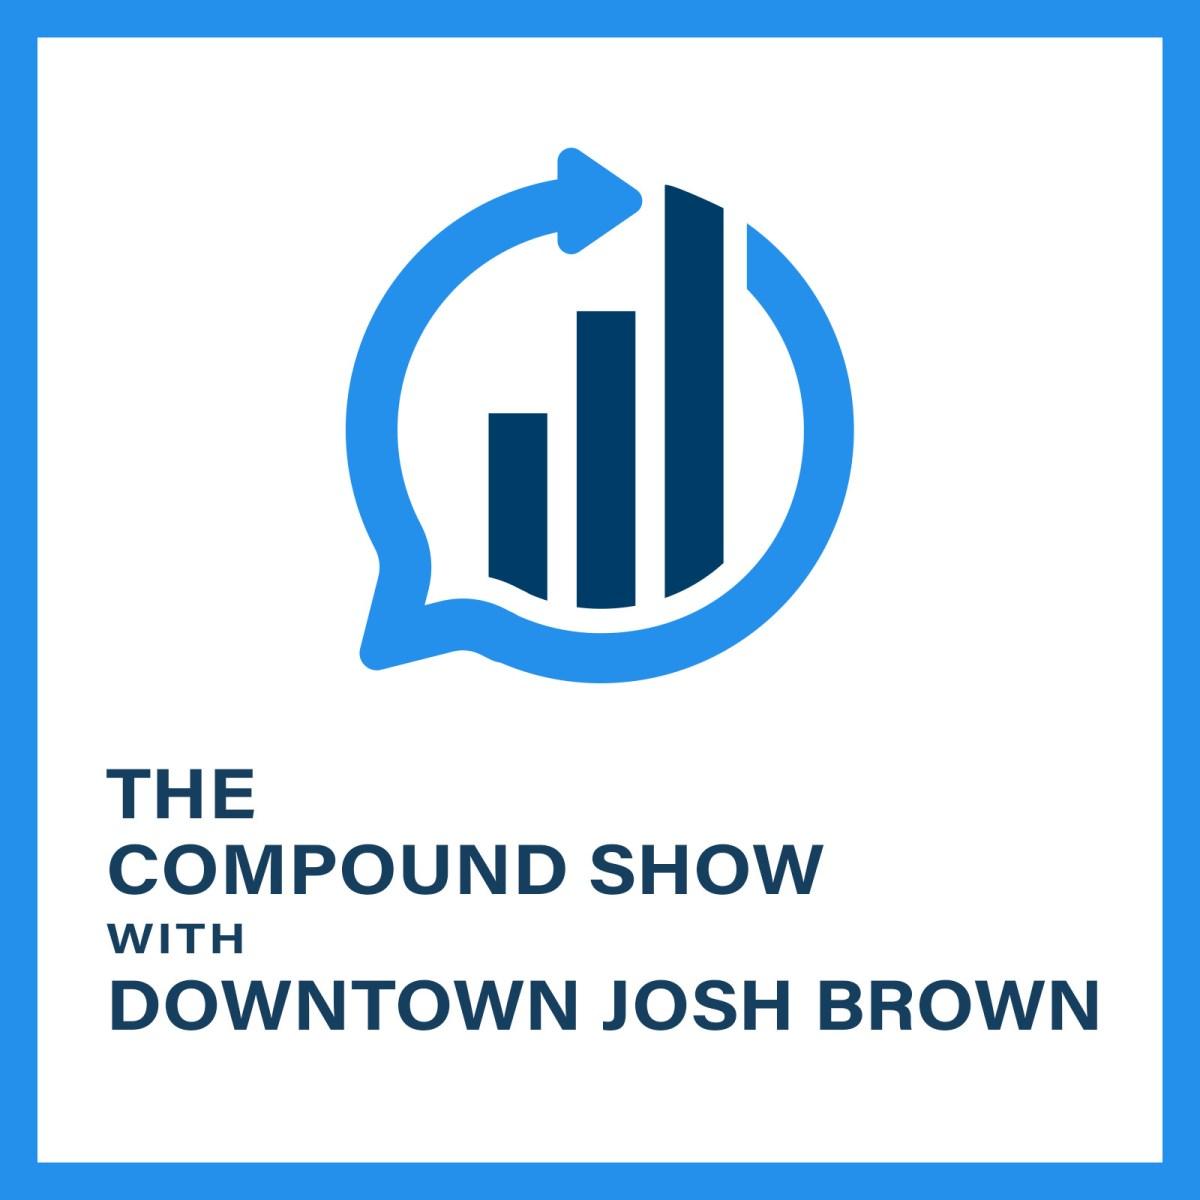 The Compound Show - TOP 4 Melhores Podcasts sobre Investimentos